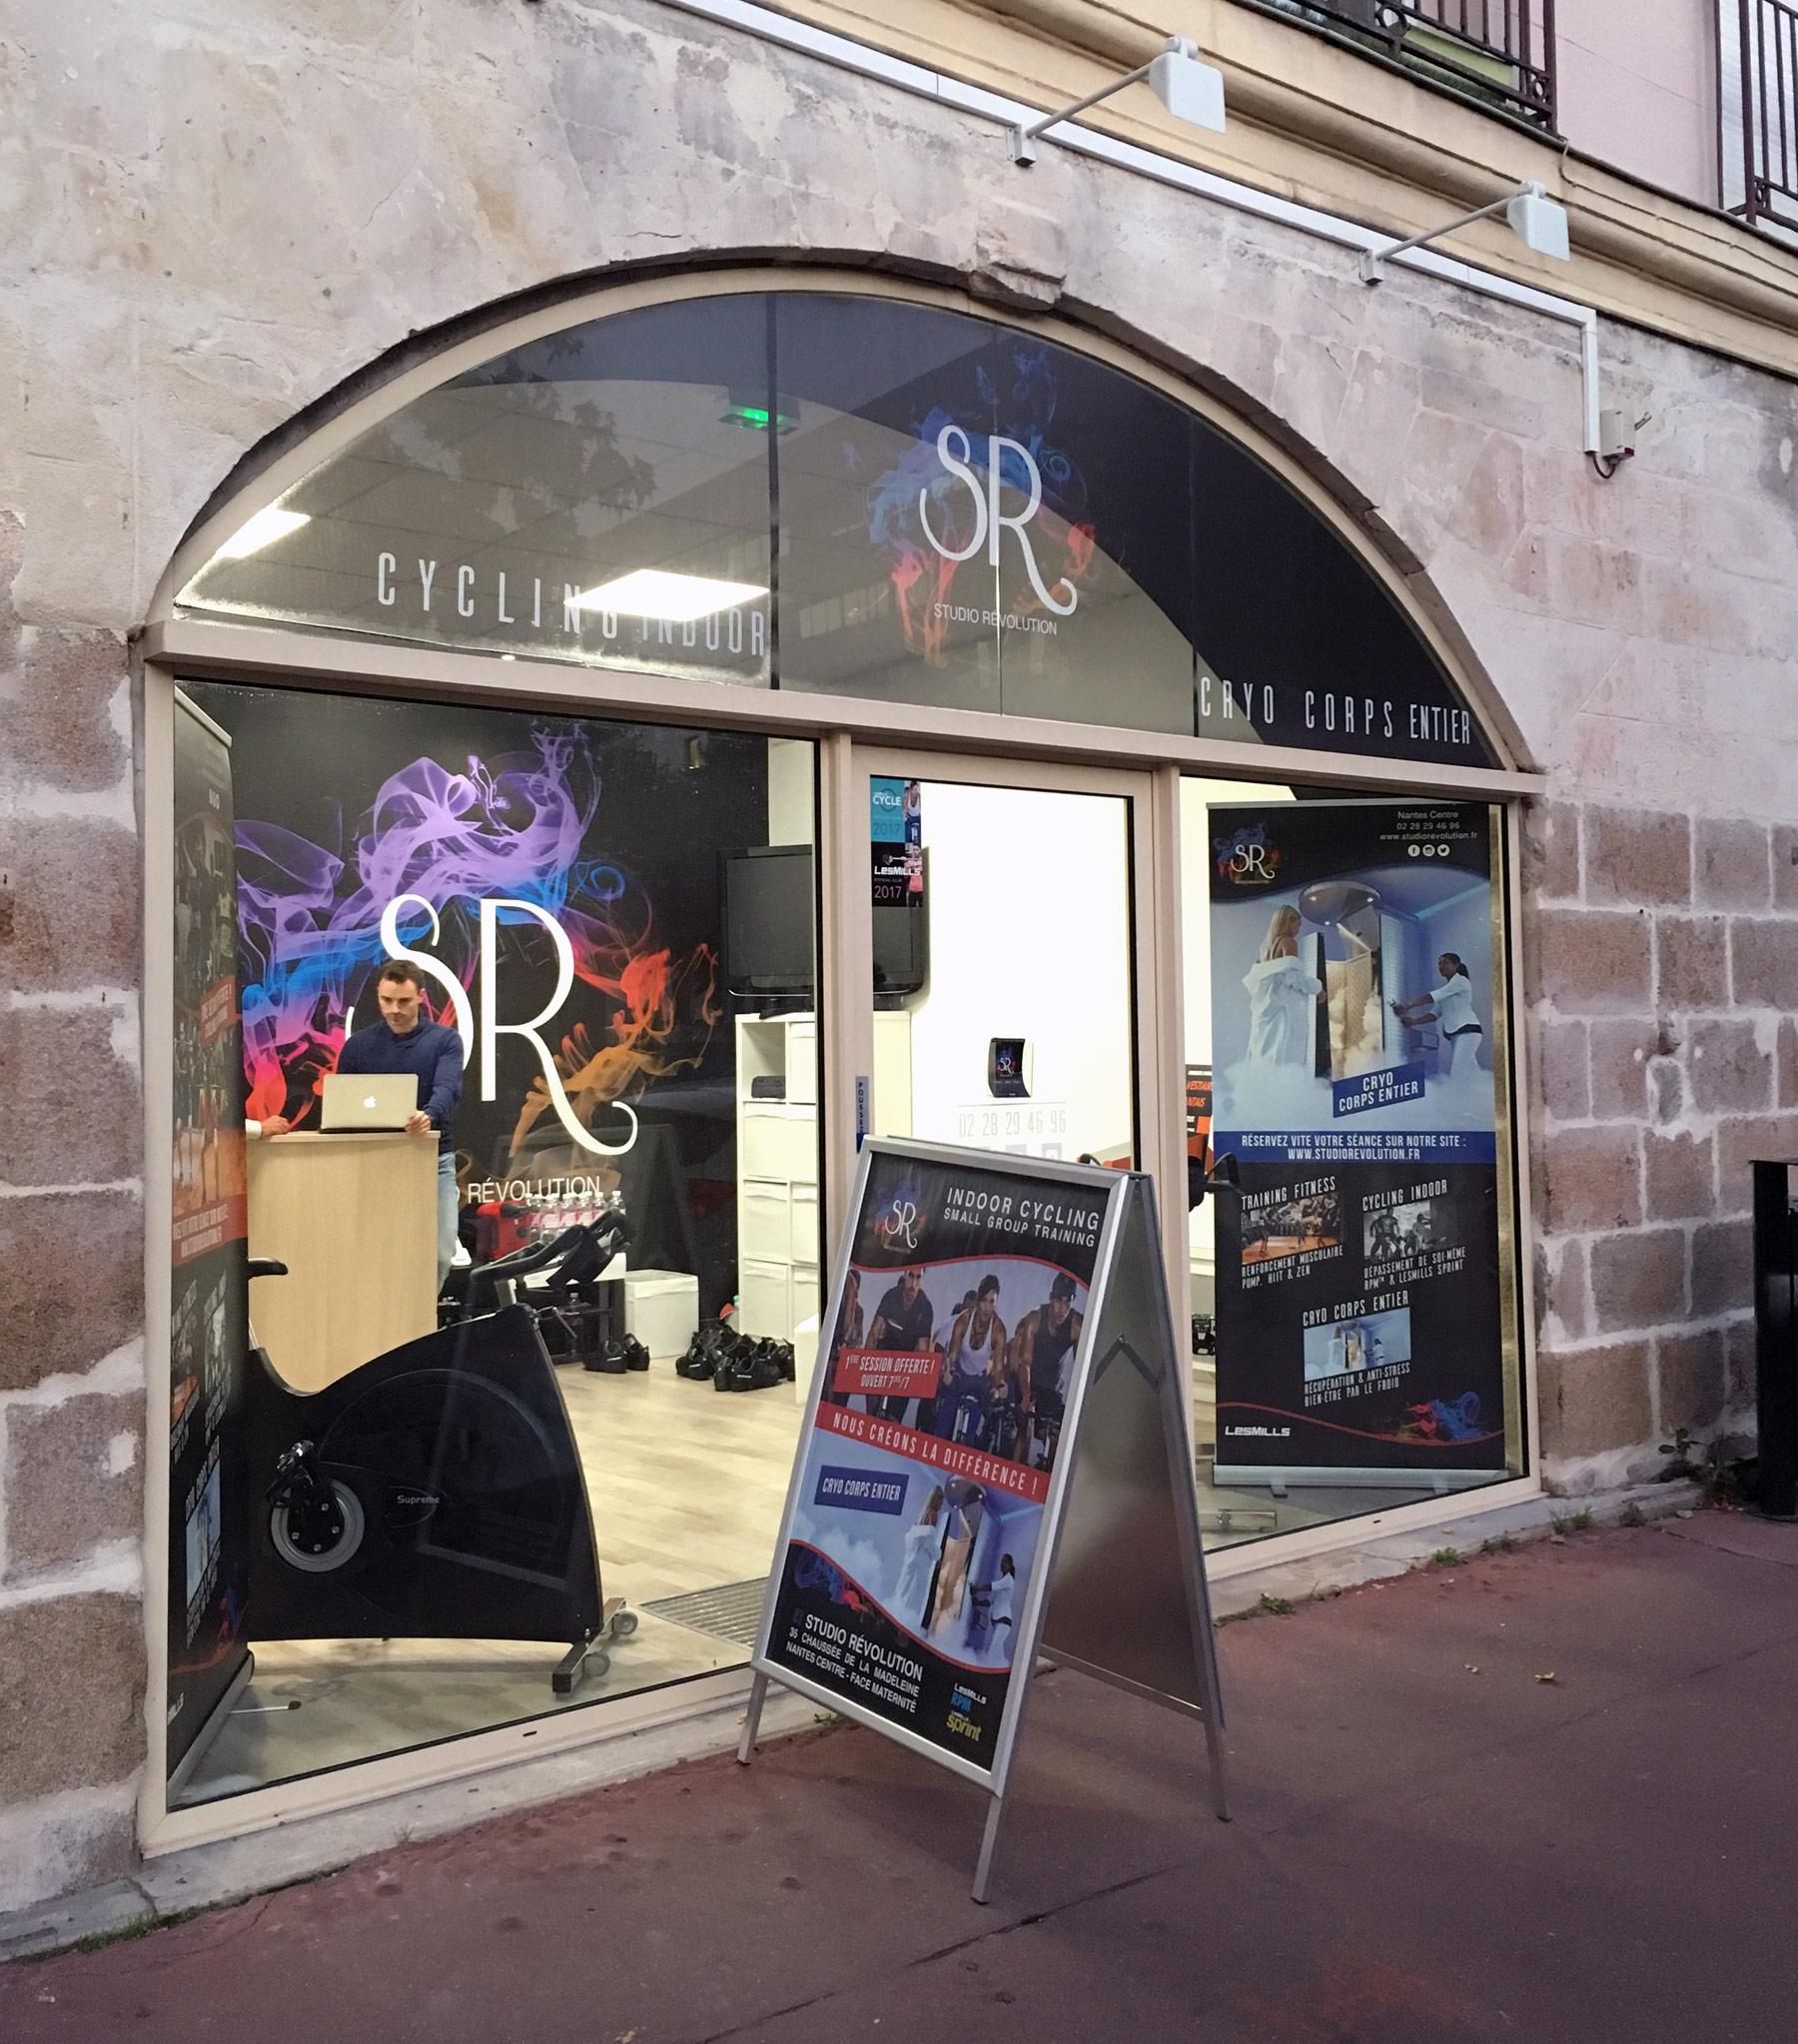 Salle de sport et cycling à Nantes : Studio révolution